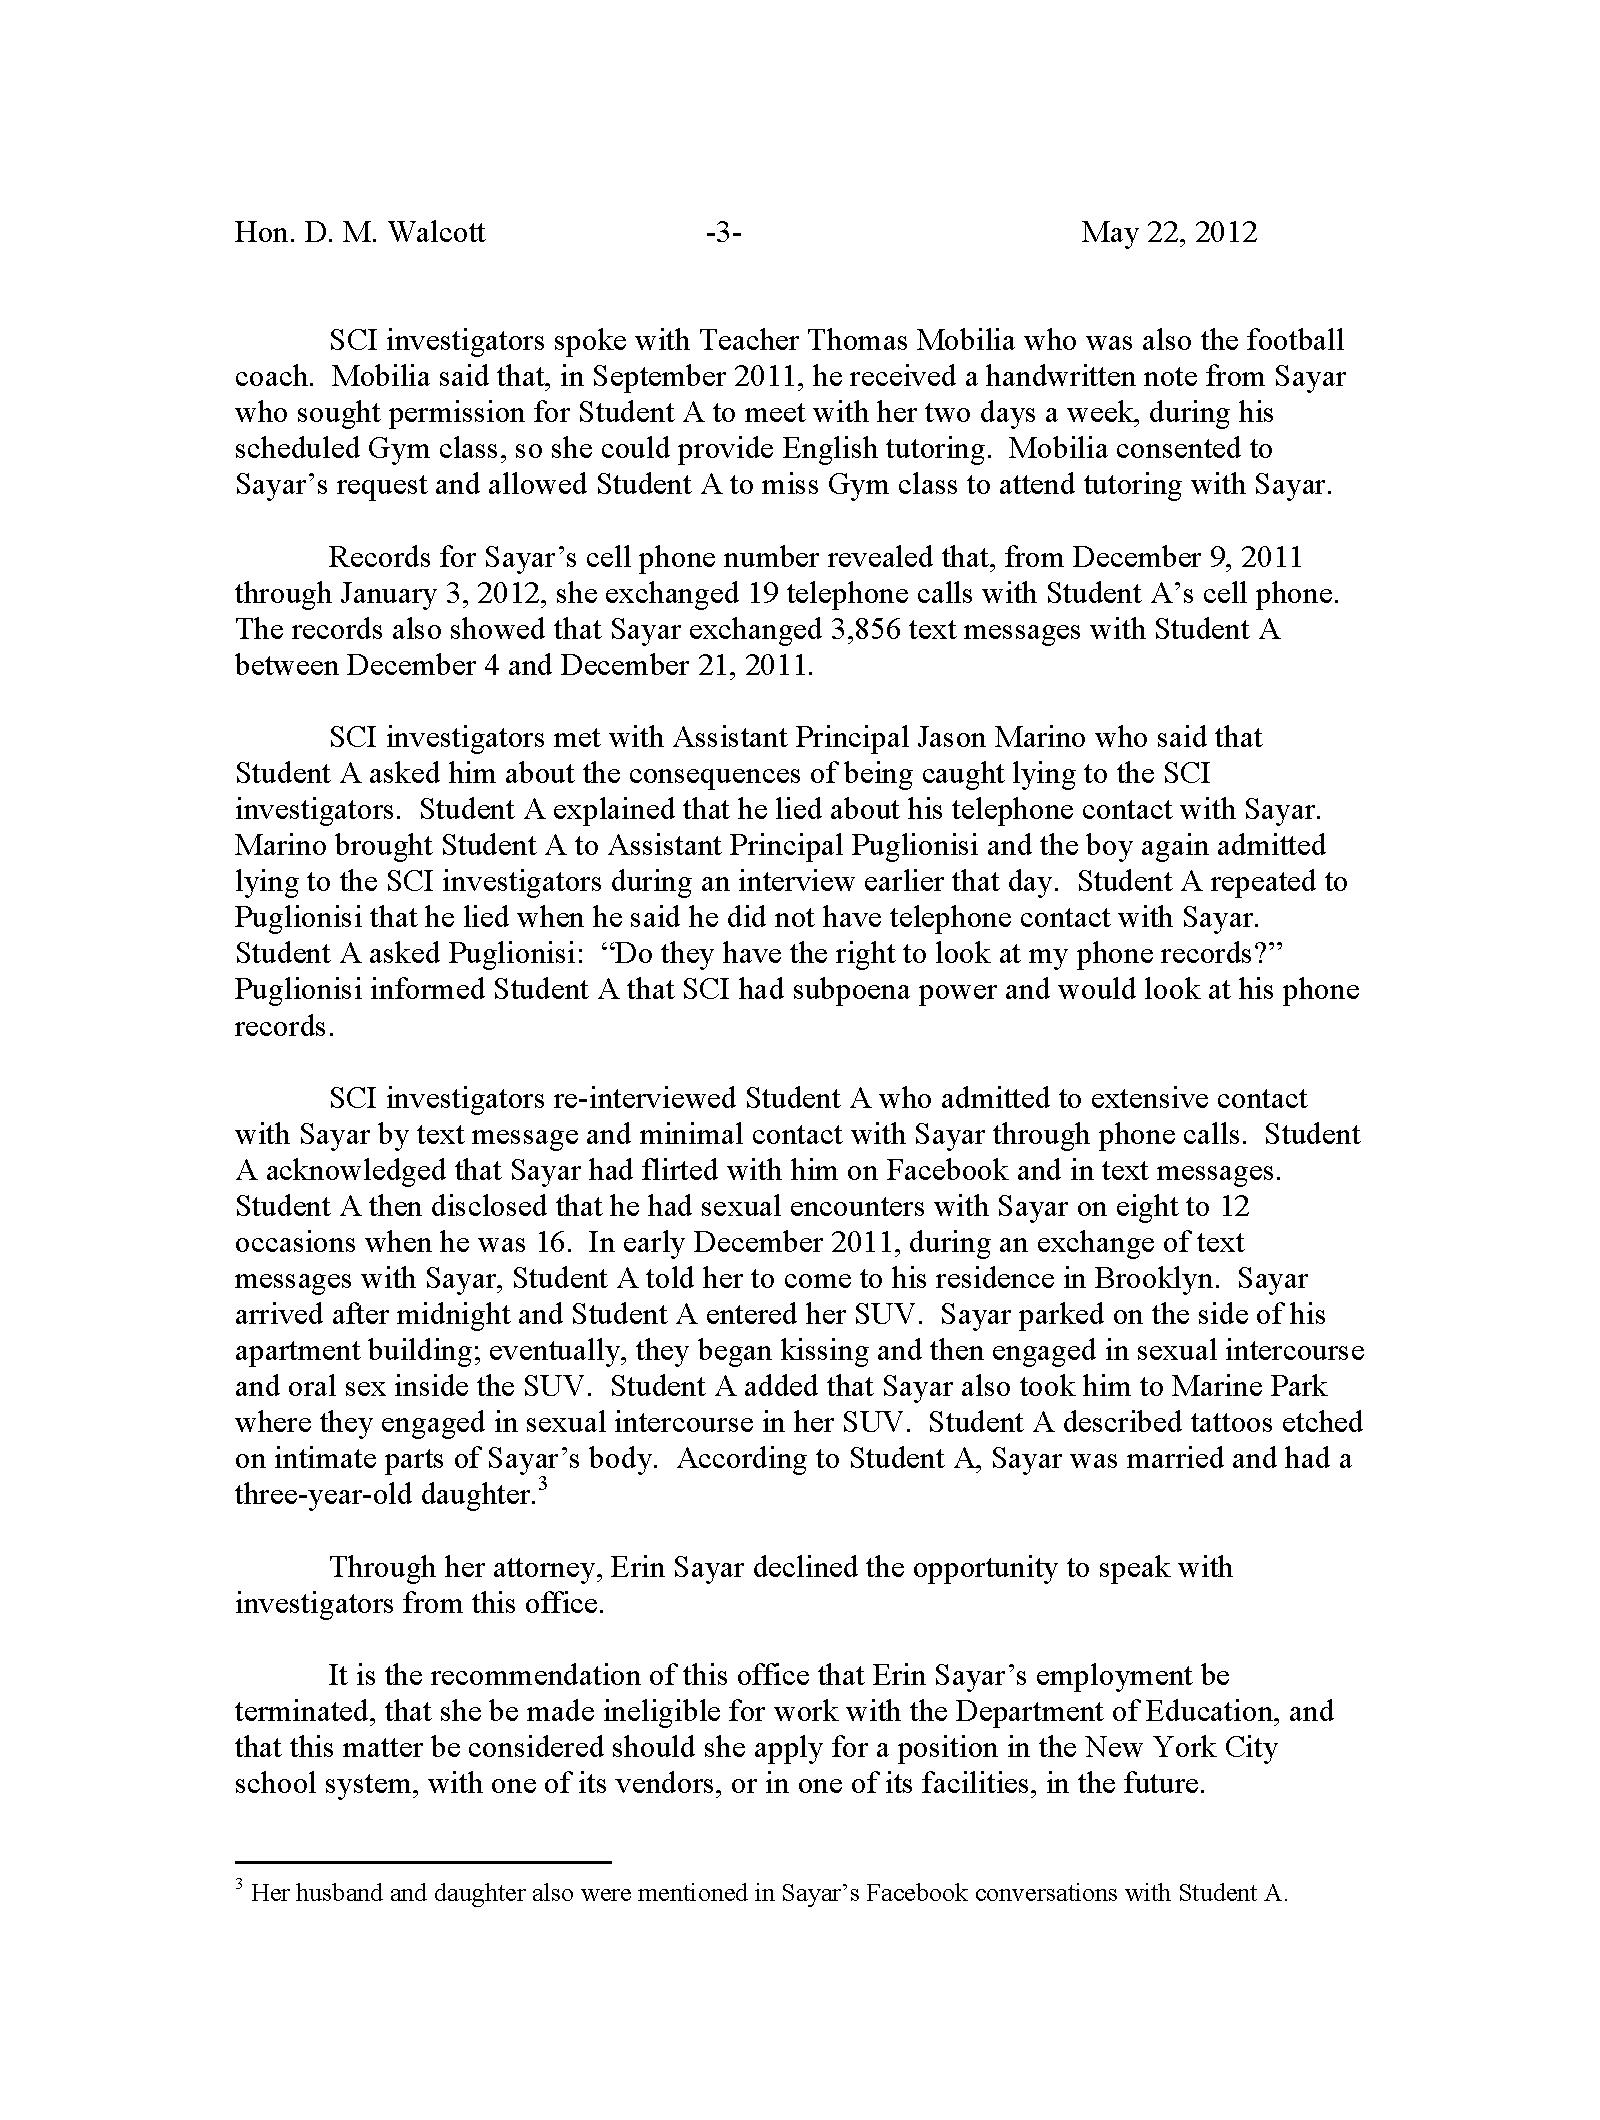 Copy of sayar erin investigative letter3.png